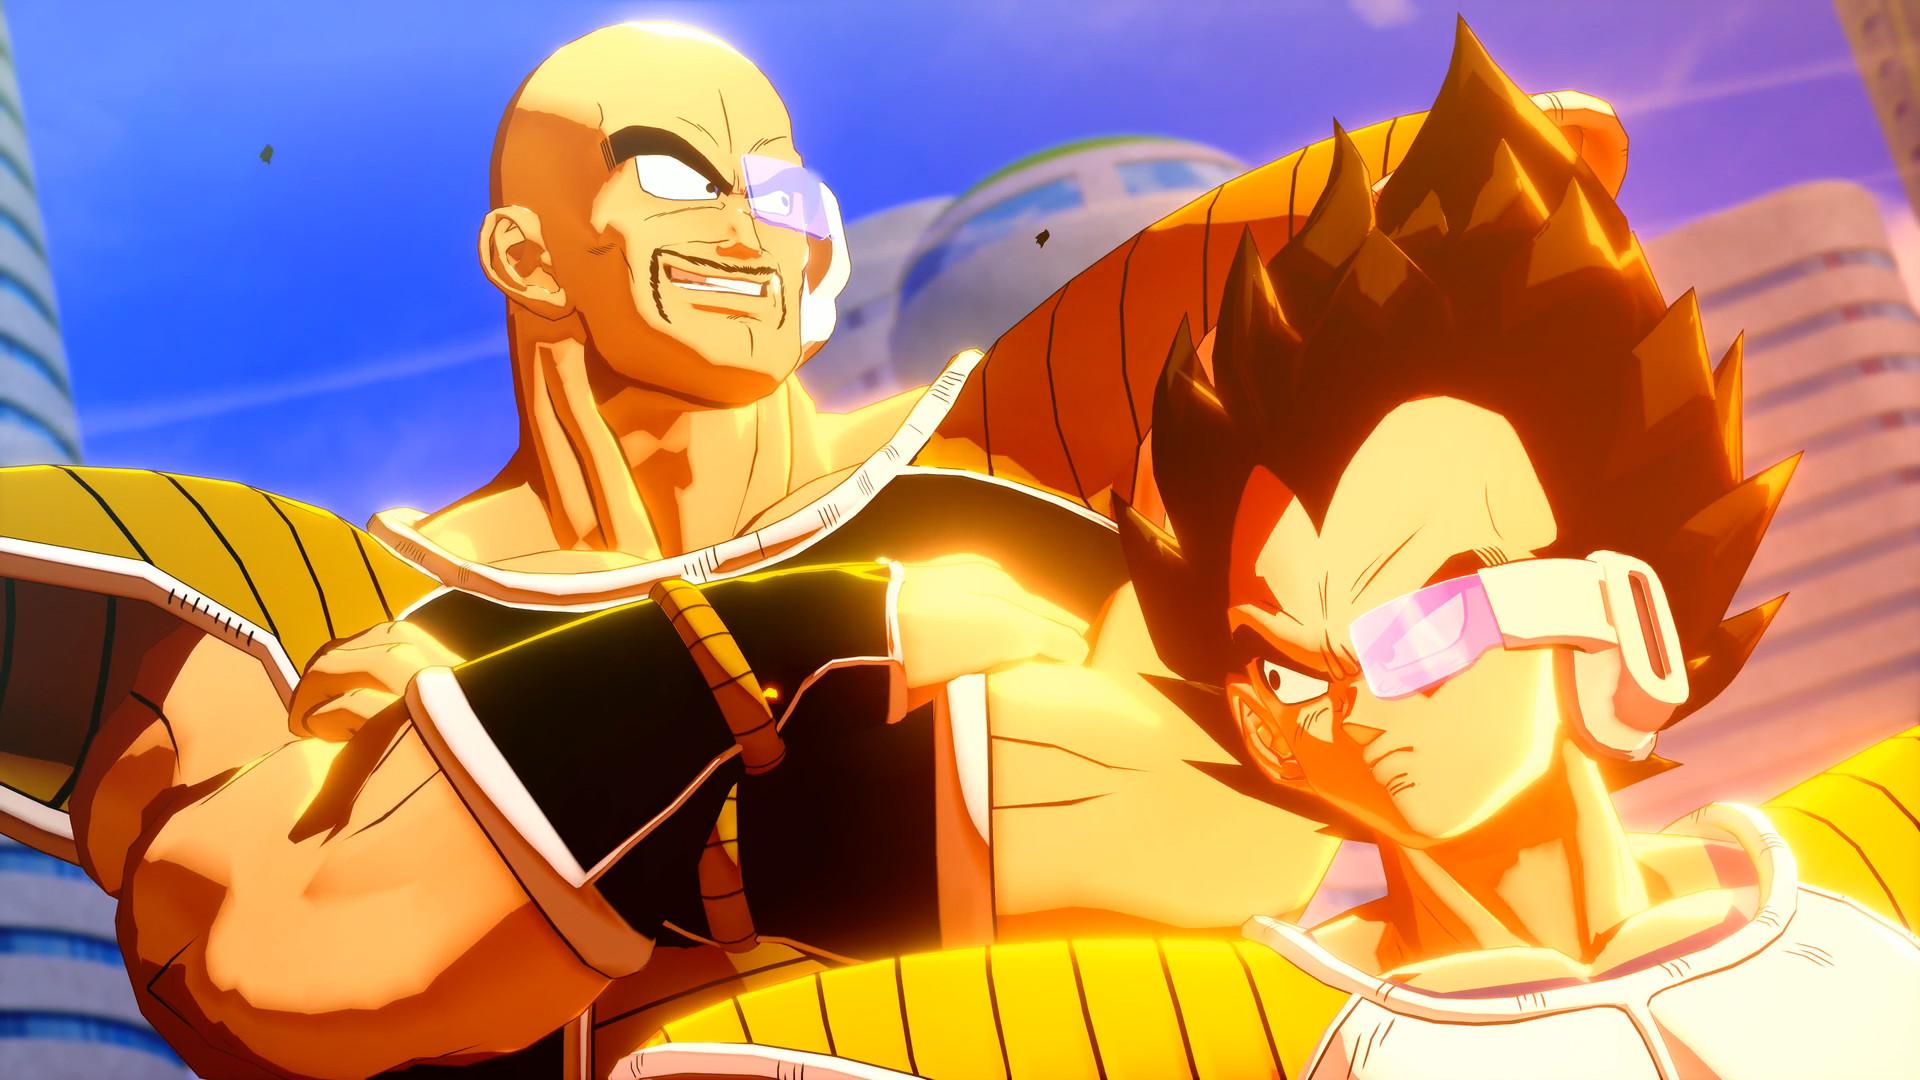 Dragon Ball Z: Kakarot - Are Online Battles Coming?